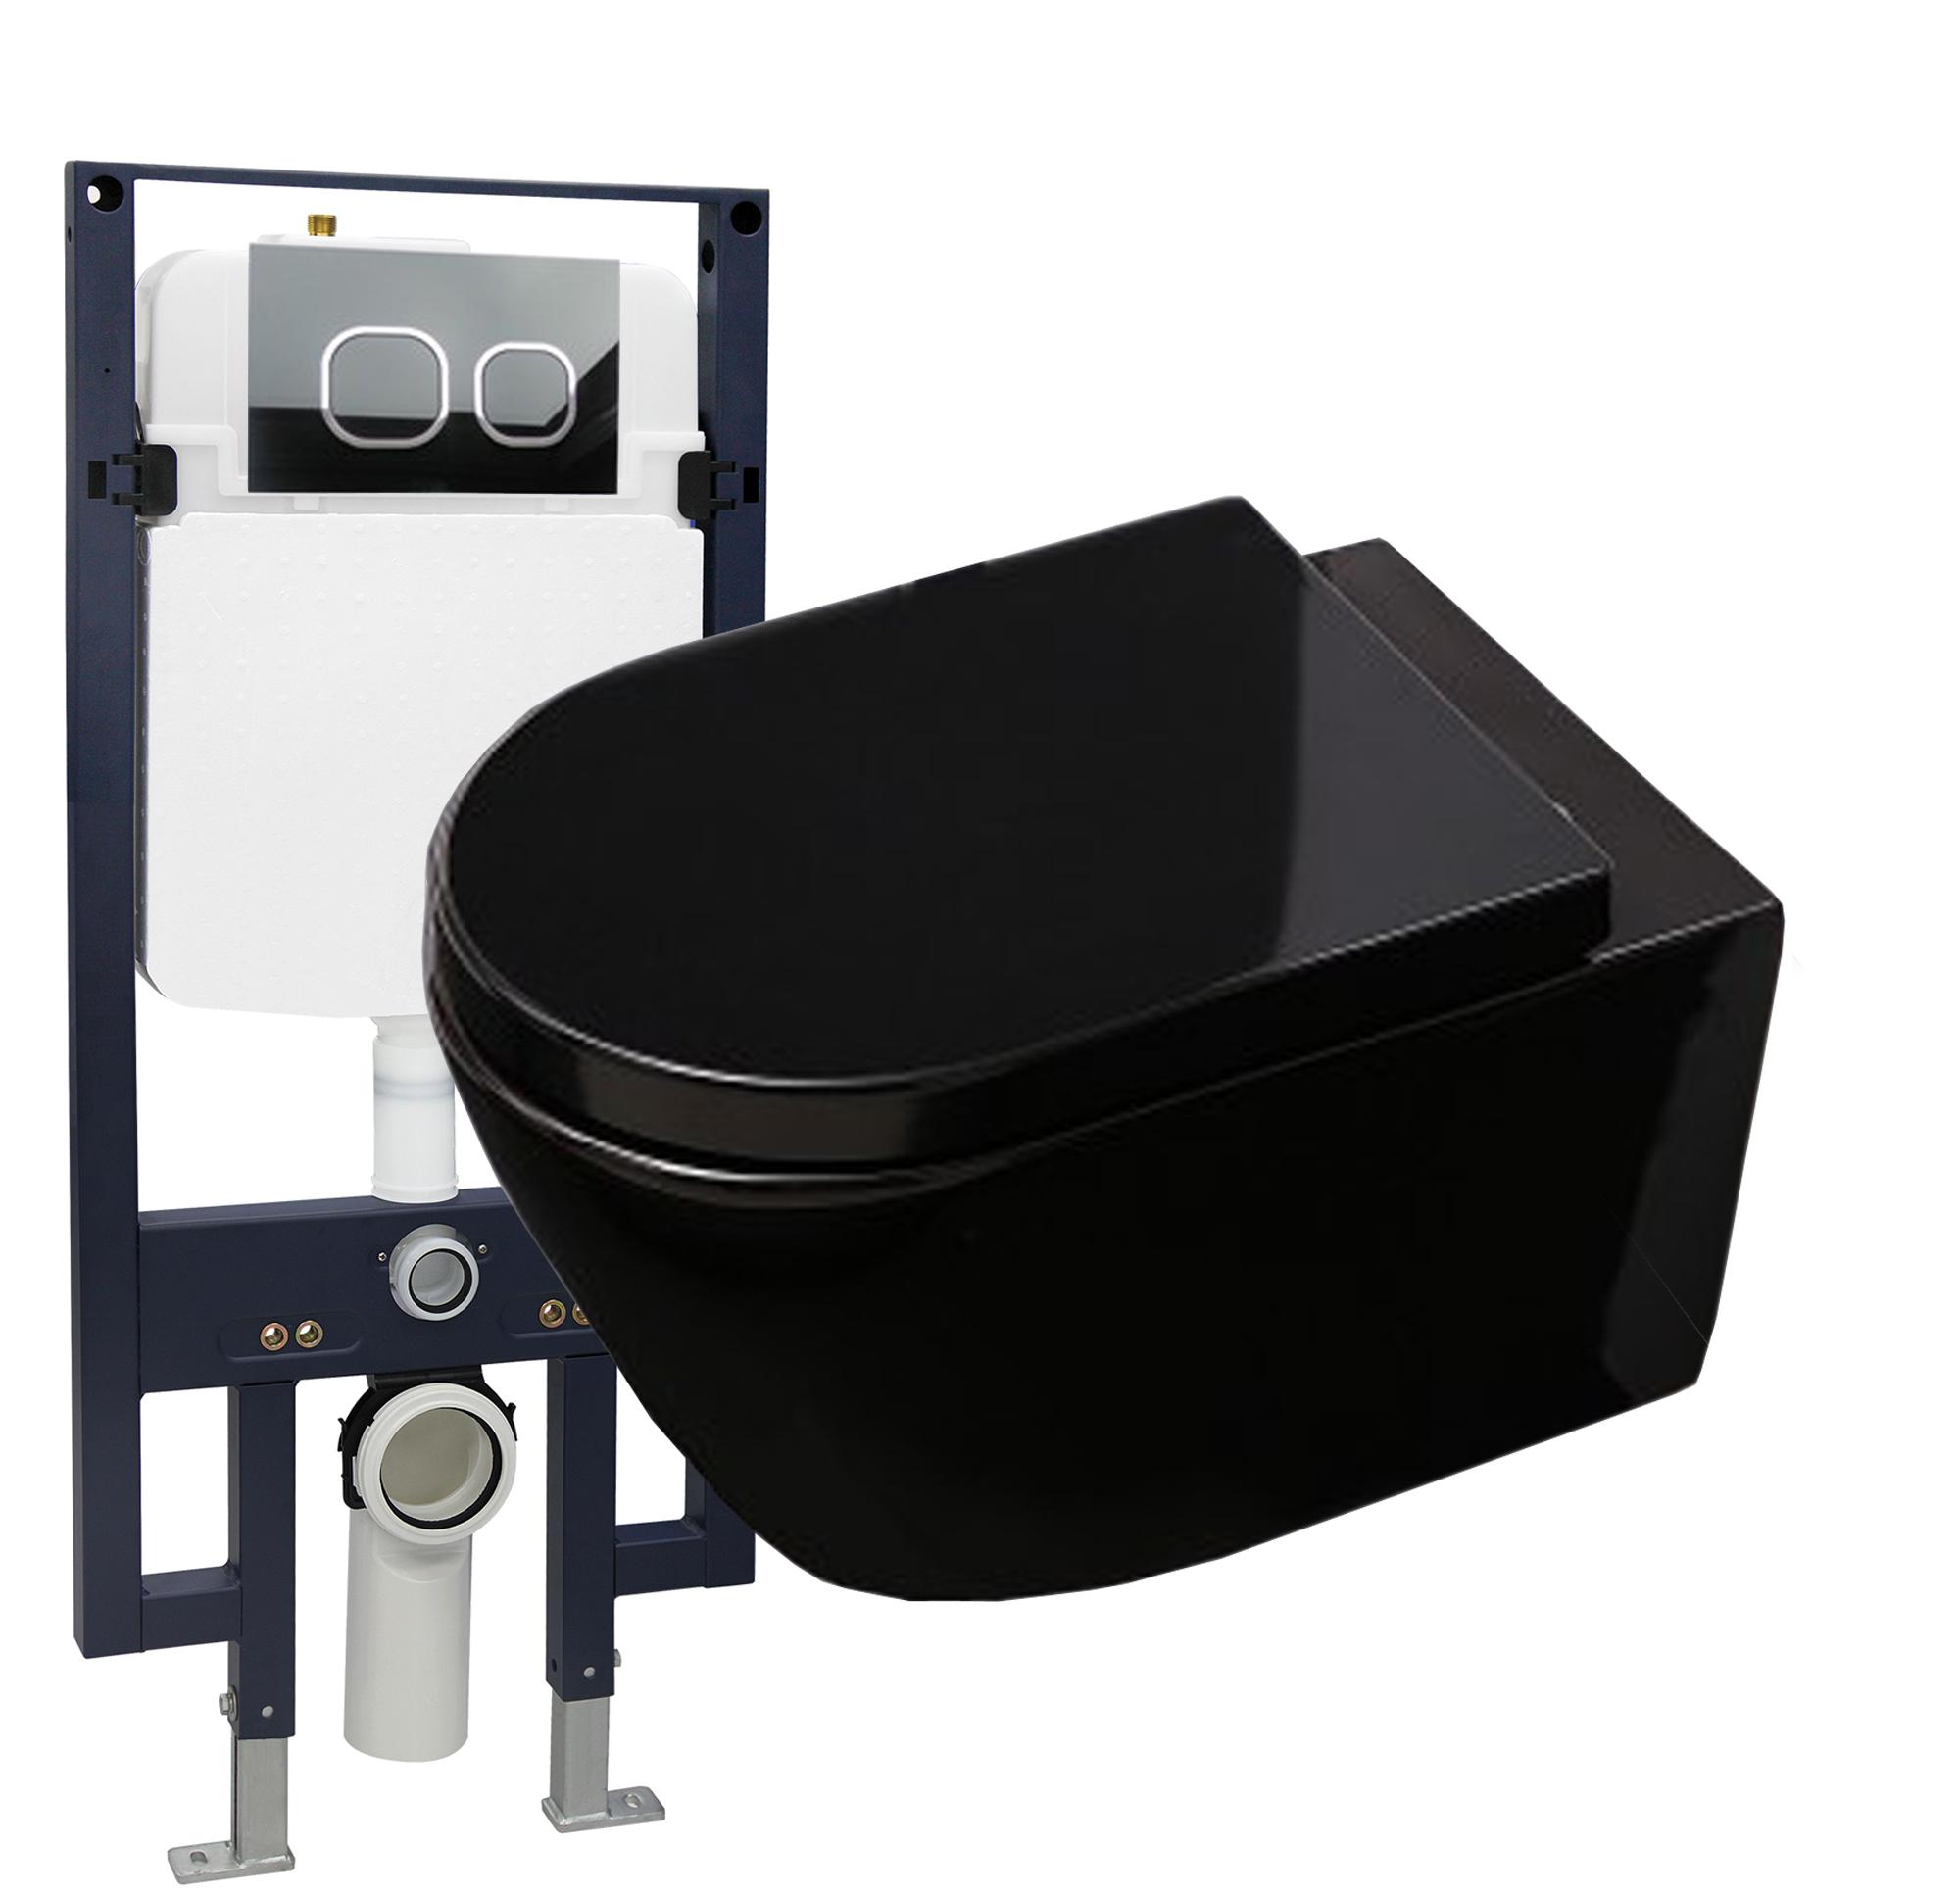 Wc Suspendu 4 Pieds wc suspendu offre spéciale pack économique 21: b-8030 noir